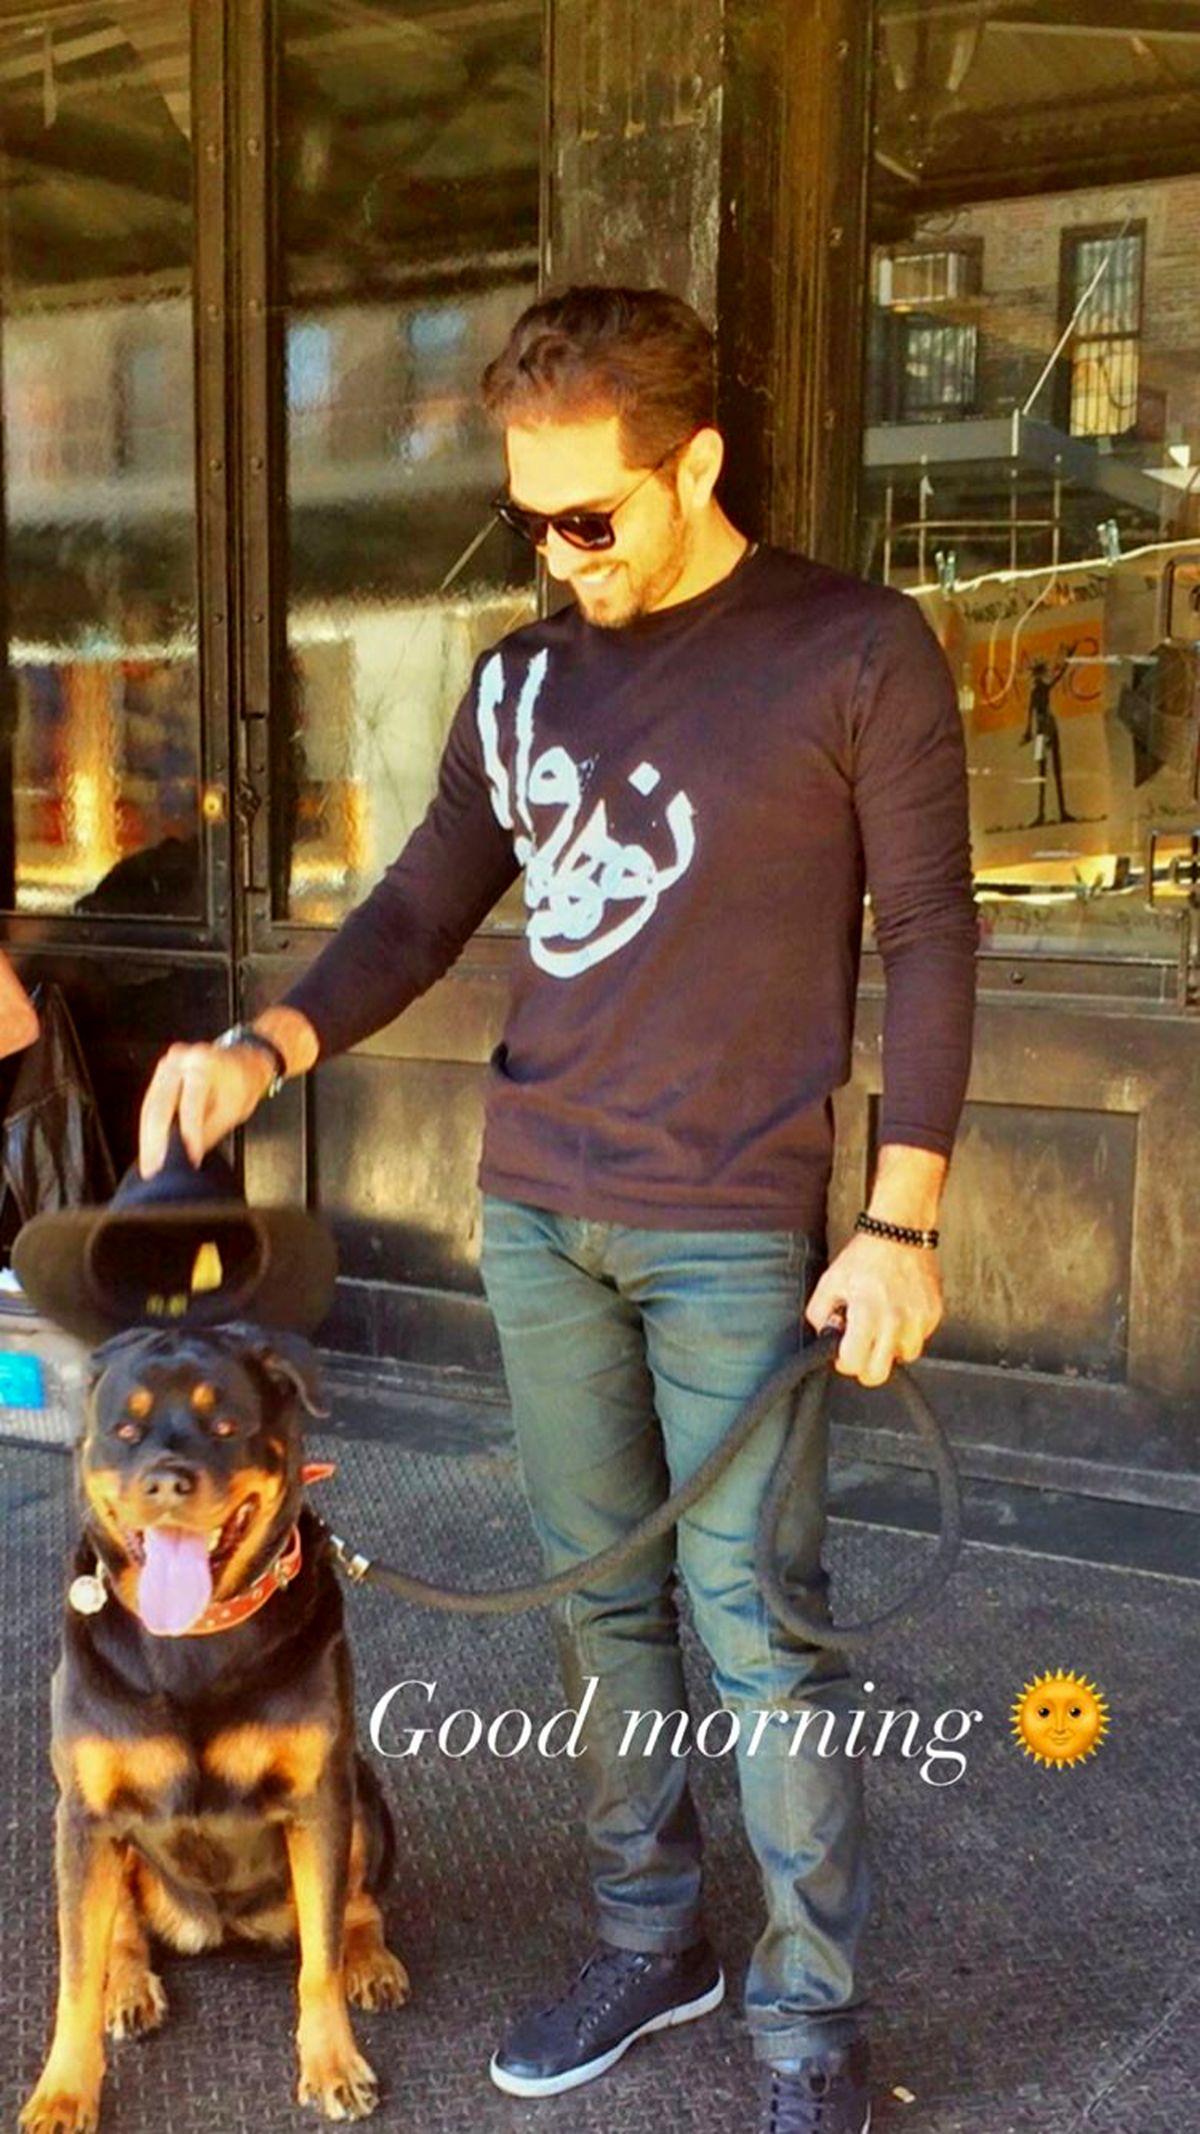 بهرام رادان و سگش در خیابان + عکس